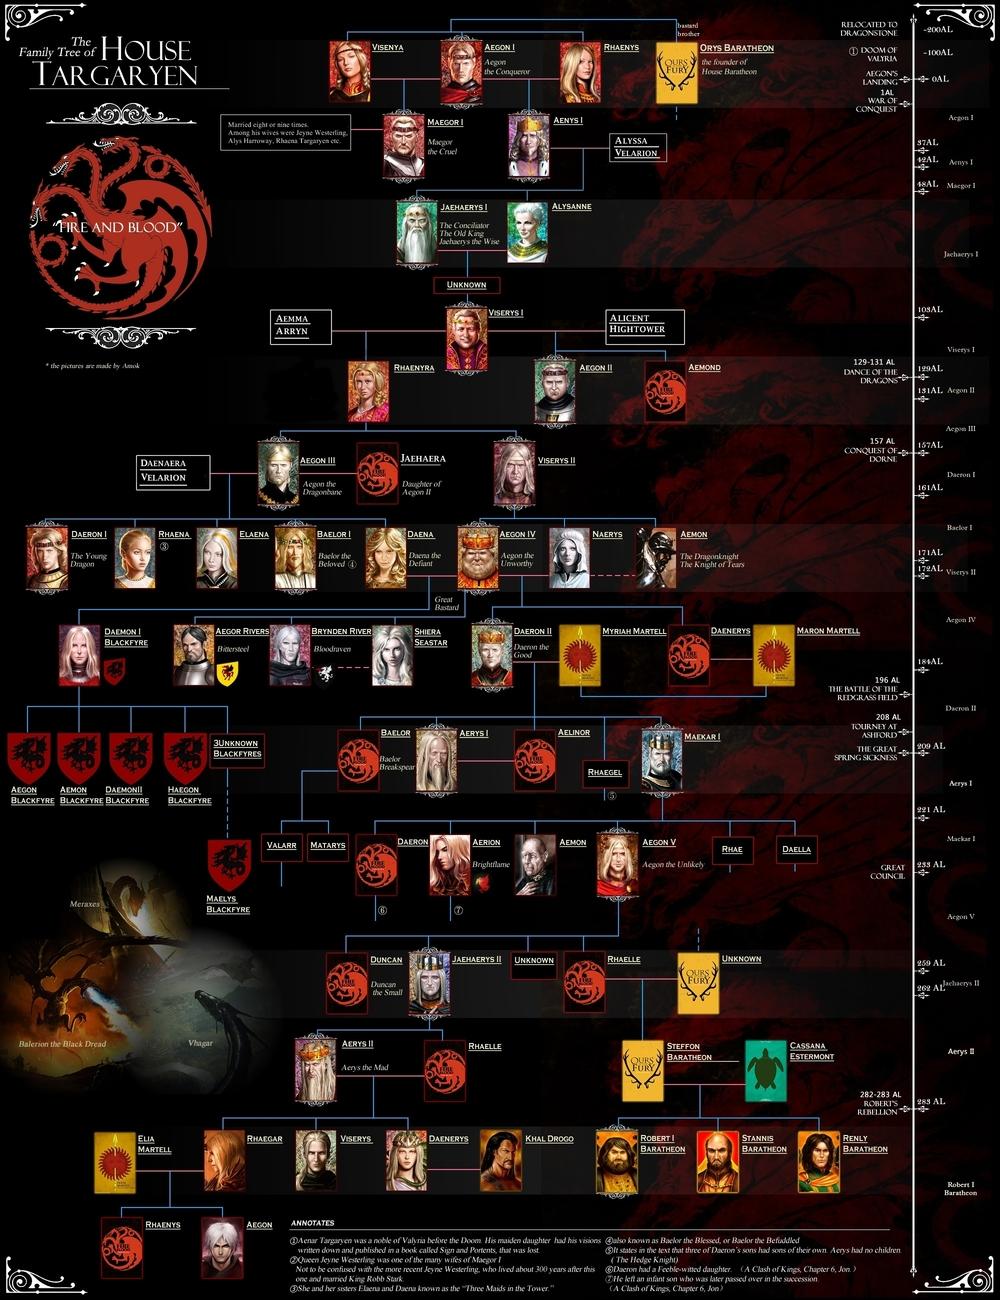 Схема родства в игре престолов